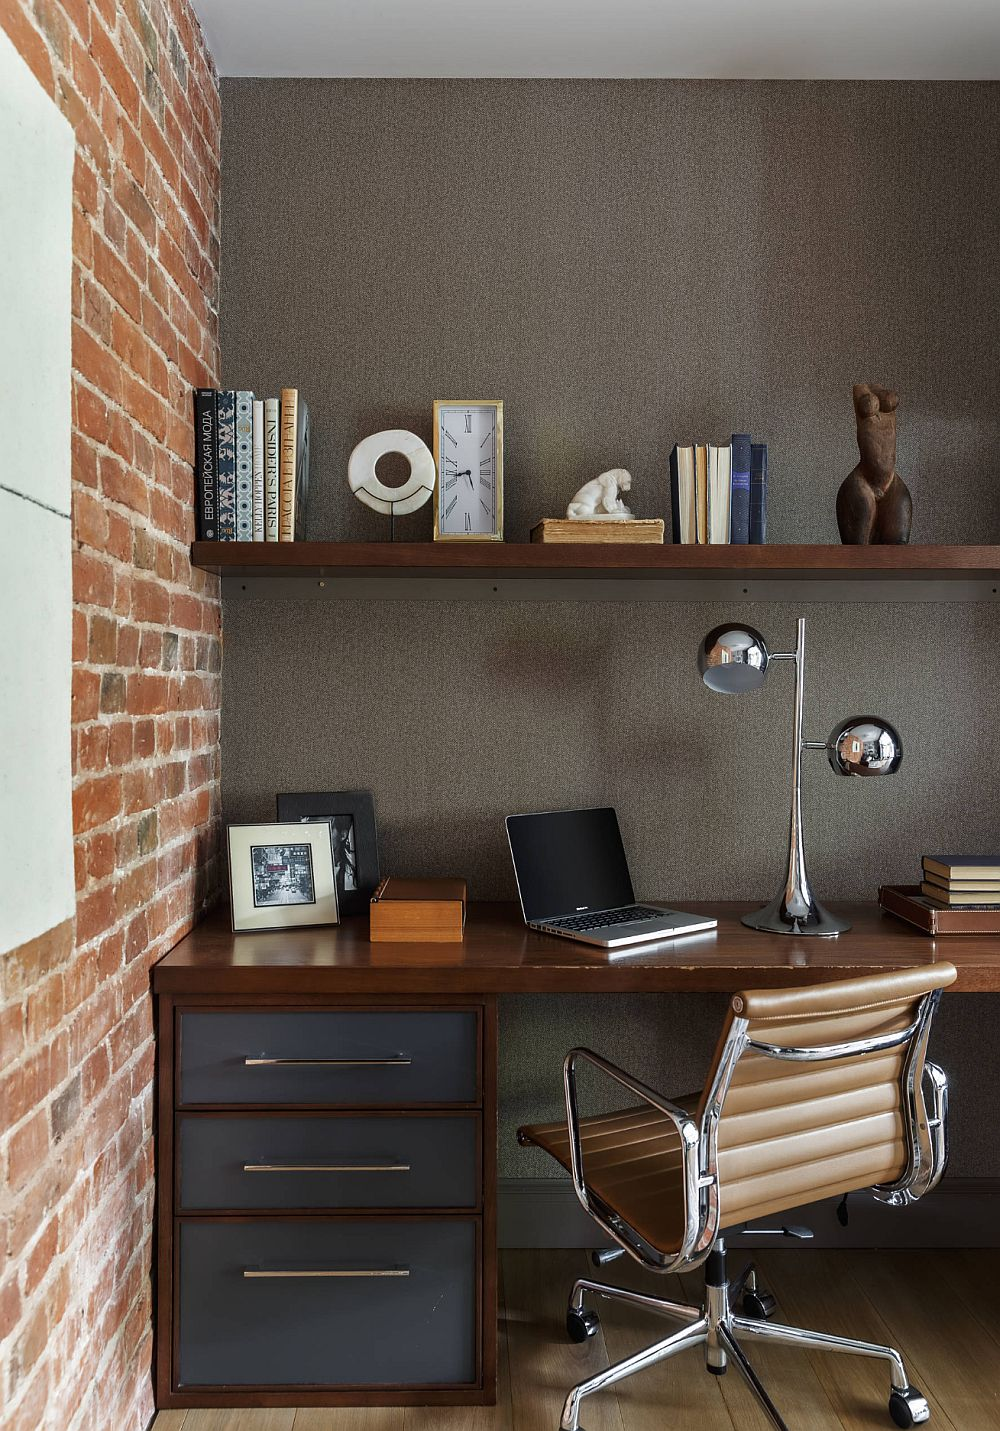 De partea opusă canapelei este organizată masa de birou totul tratat armonios din punct de vedere al culorilor și materialelor.